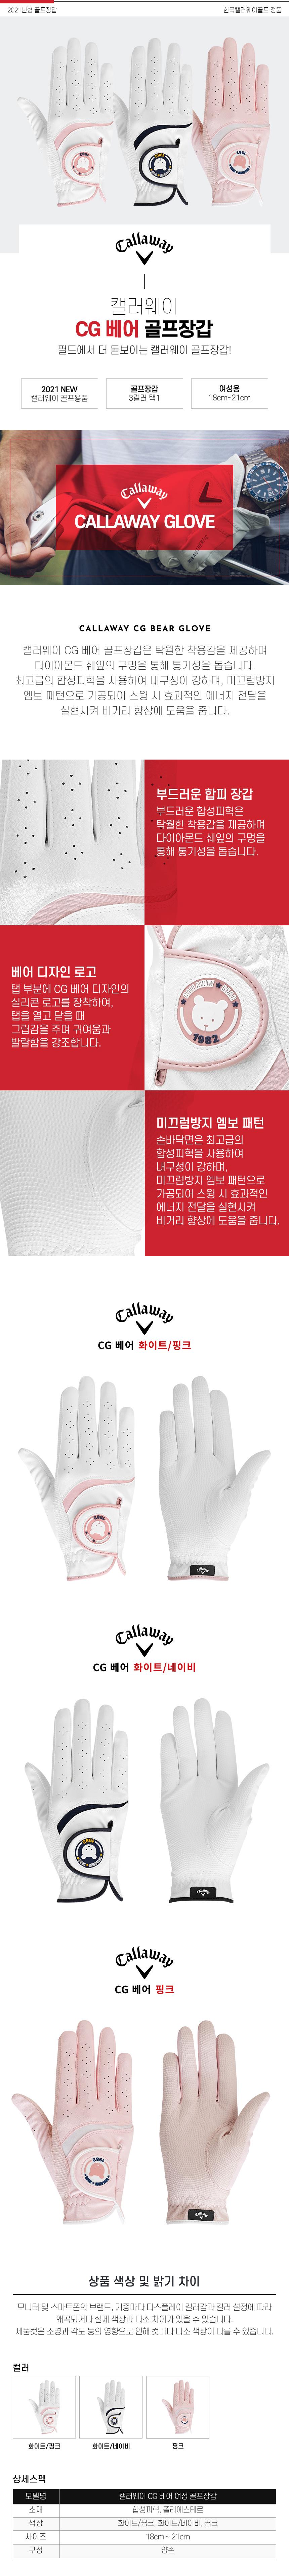 callaway_CG_bear_w_glove_21.jpg